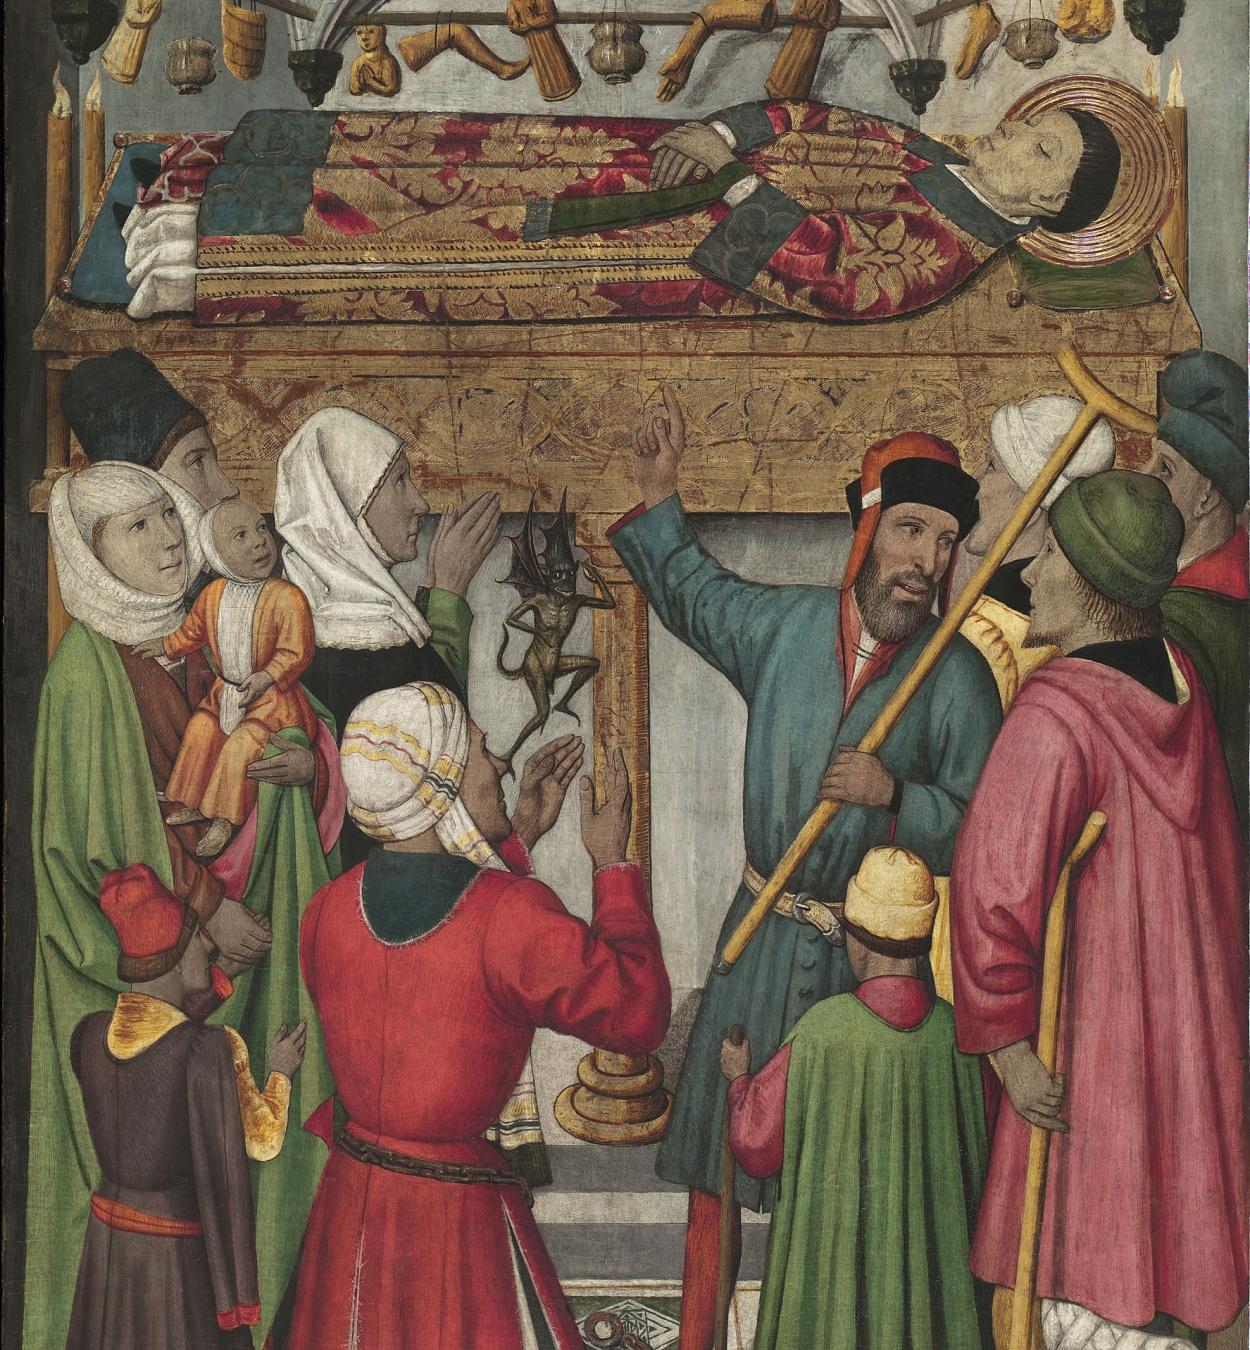 Jaume Huguet - Miracles pòstums de sant Vicenç - Cap a 1455-1460